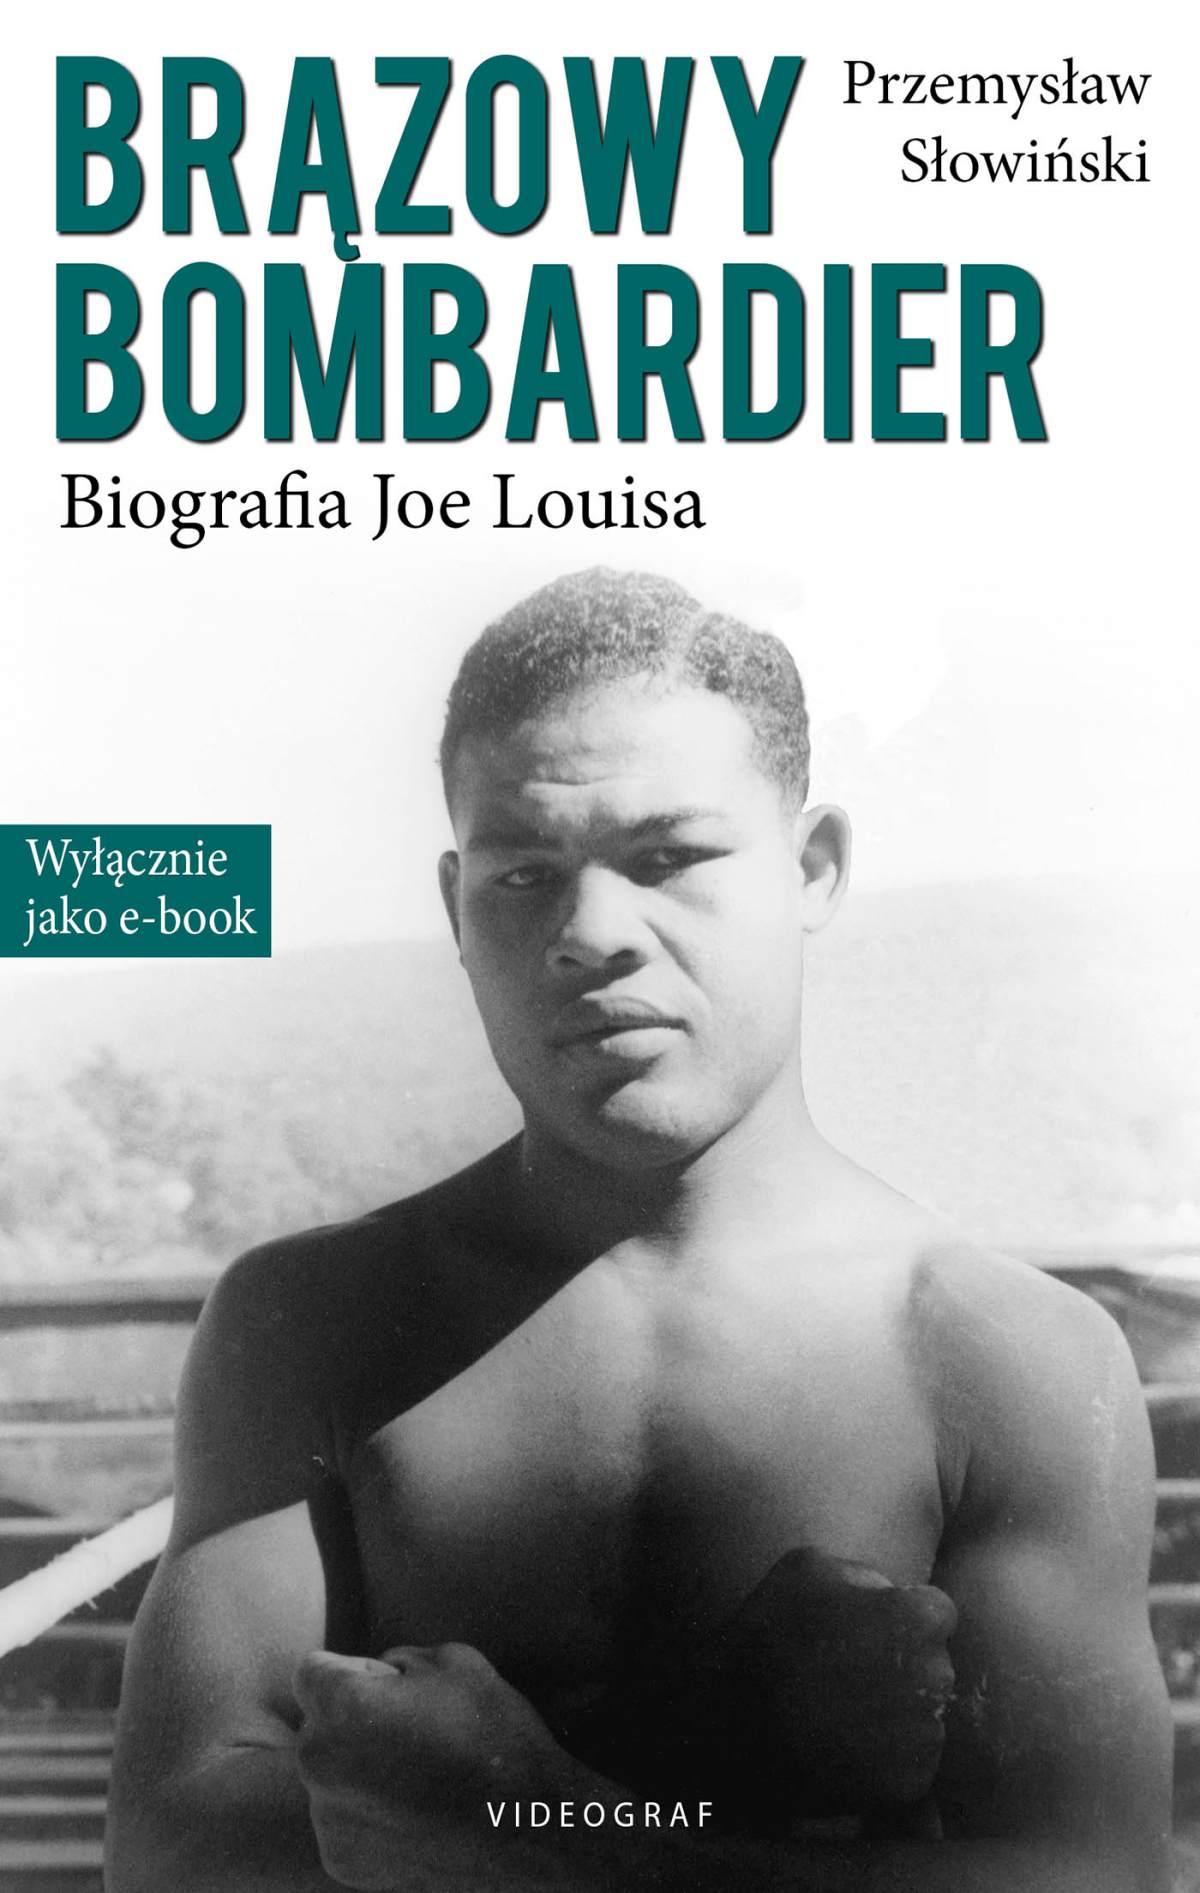 Brązowy Bombardier. Biografia Joe Louisa - Ebook (Książka EPUB) do pobrania w formacie EPUB